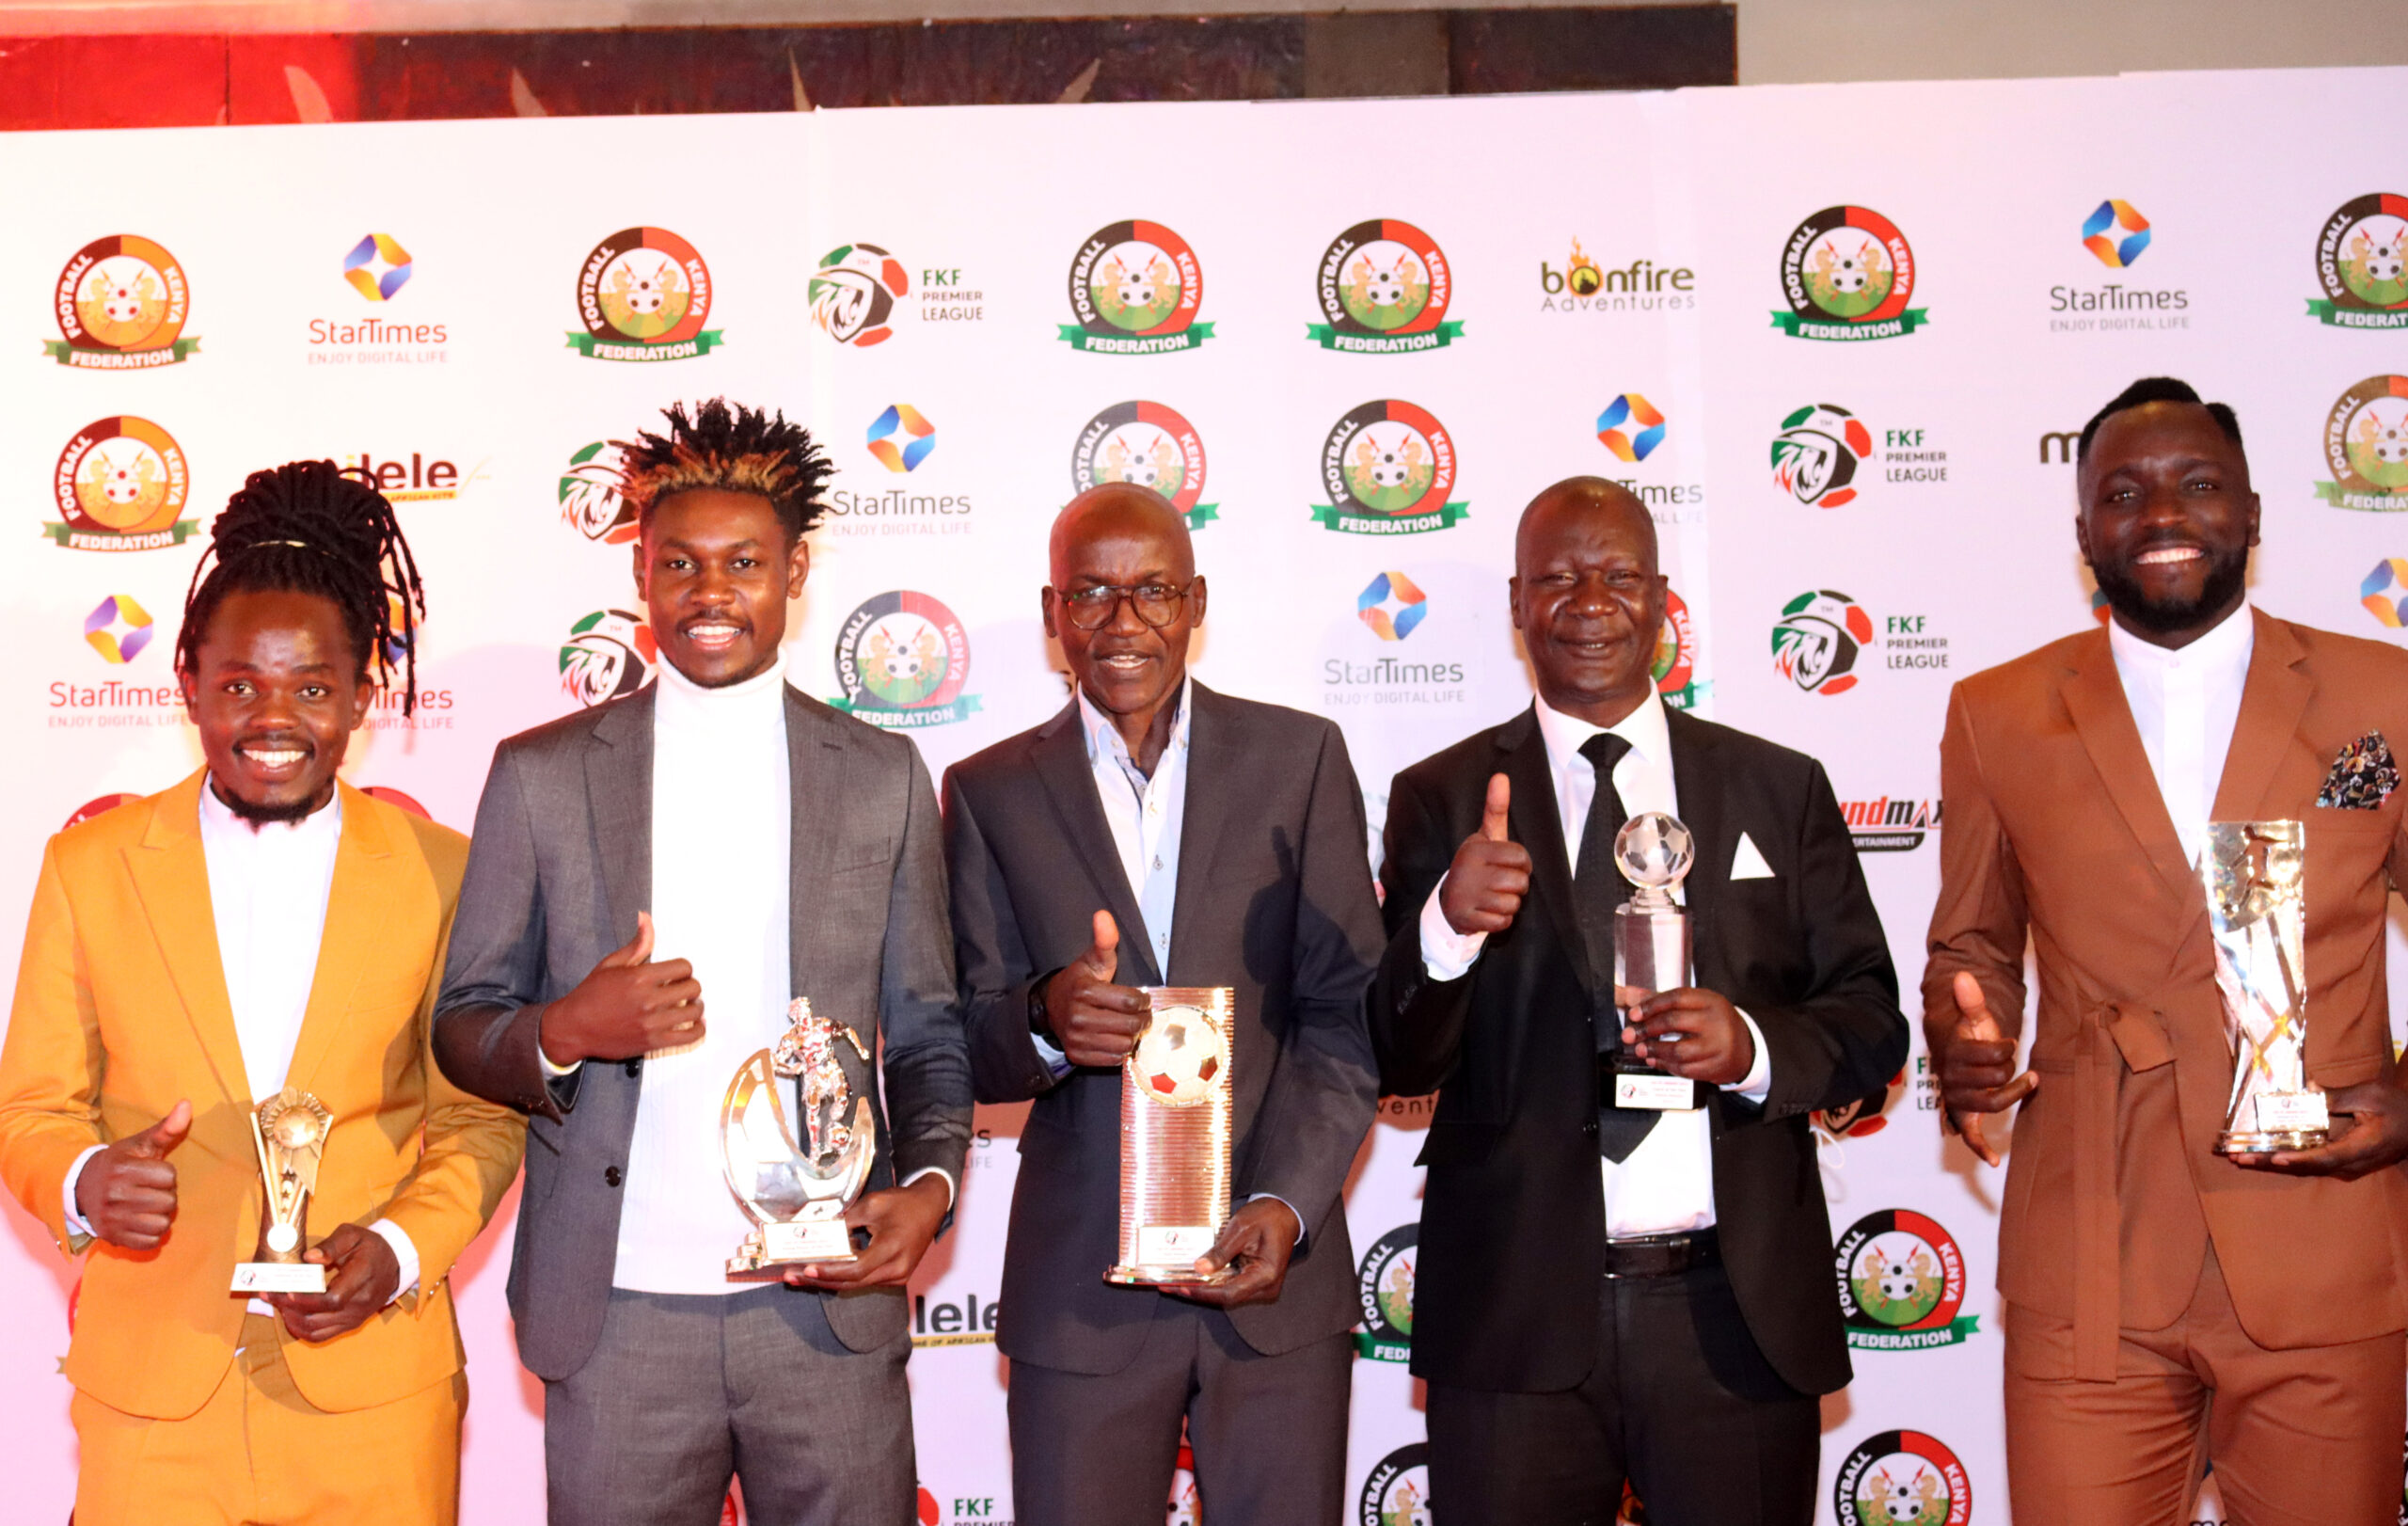 TUSKER FC winners in FKF Premier League